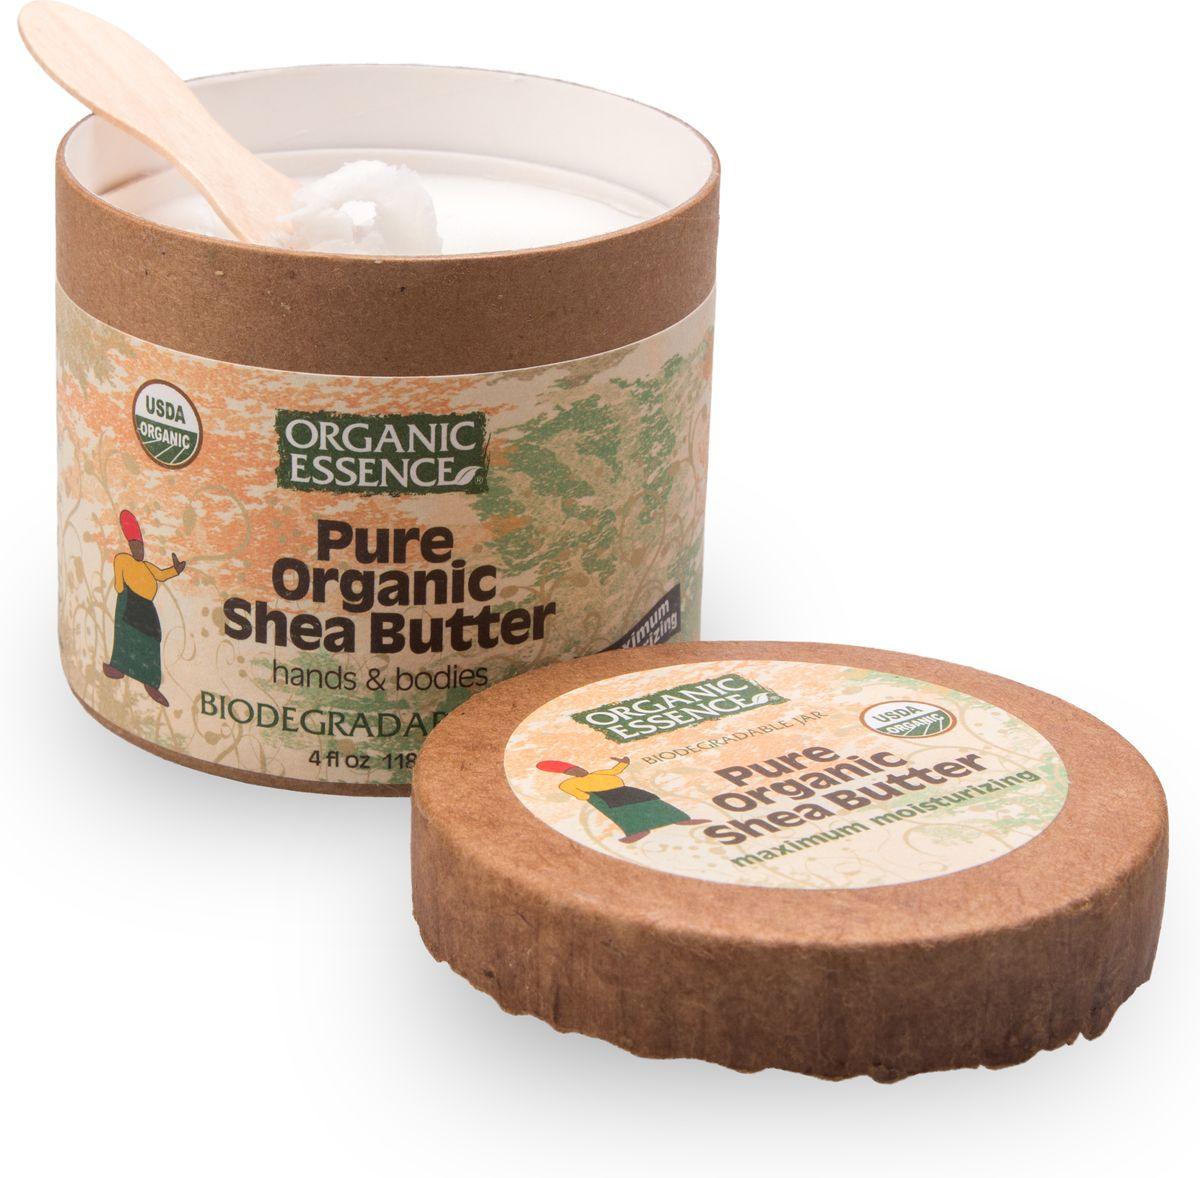 Organic Essence Чистое (100%) органическое масло Ши 114 г/118 мл4260254460289100% органическое масло Ши произведено методом естественного холодного отжима из африканских орехов дерева Карите. Масло Ши улучшает капиллярное кровообращение, является превосходным целителем и омолаживающим средством для проблемной, сухой или возрастной кожи. 100% органическое масло Ши Organic Essence с естественным ароматом, без каких либо отдушек. Необыкновенная польза продукта достигается за счёт высокого содержания стеариновой и олеиновой жирных кислот. Эти жирные кислоты, увлажняя кожу, помогают сохранить надолго её эластичность. В производстве масла Ши не используются растворители или любые химические вещества, помогая сохранить высокие стандарты чистоты продукта с добавлением знака Baby Safe. USDA Organic сертифицированный продукт.